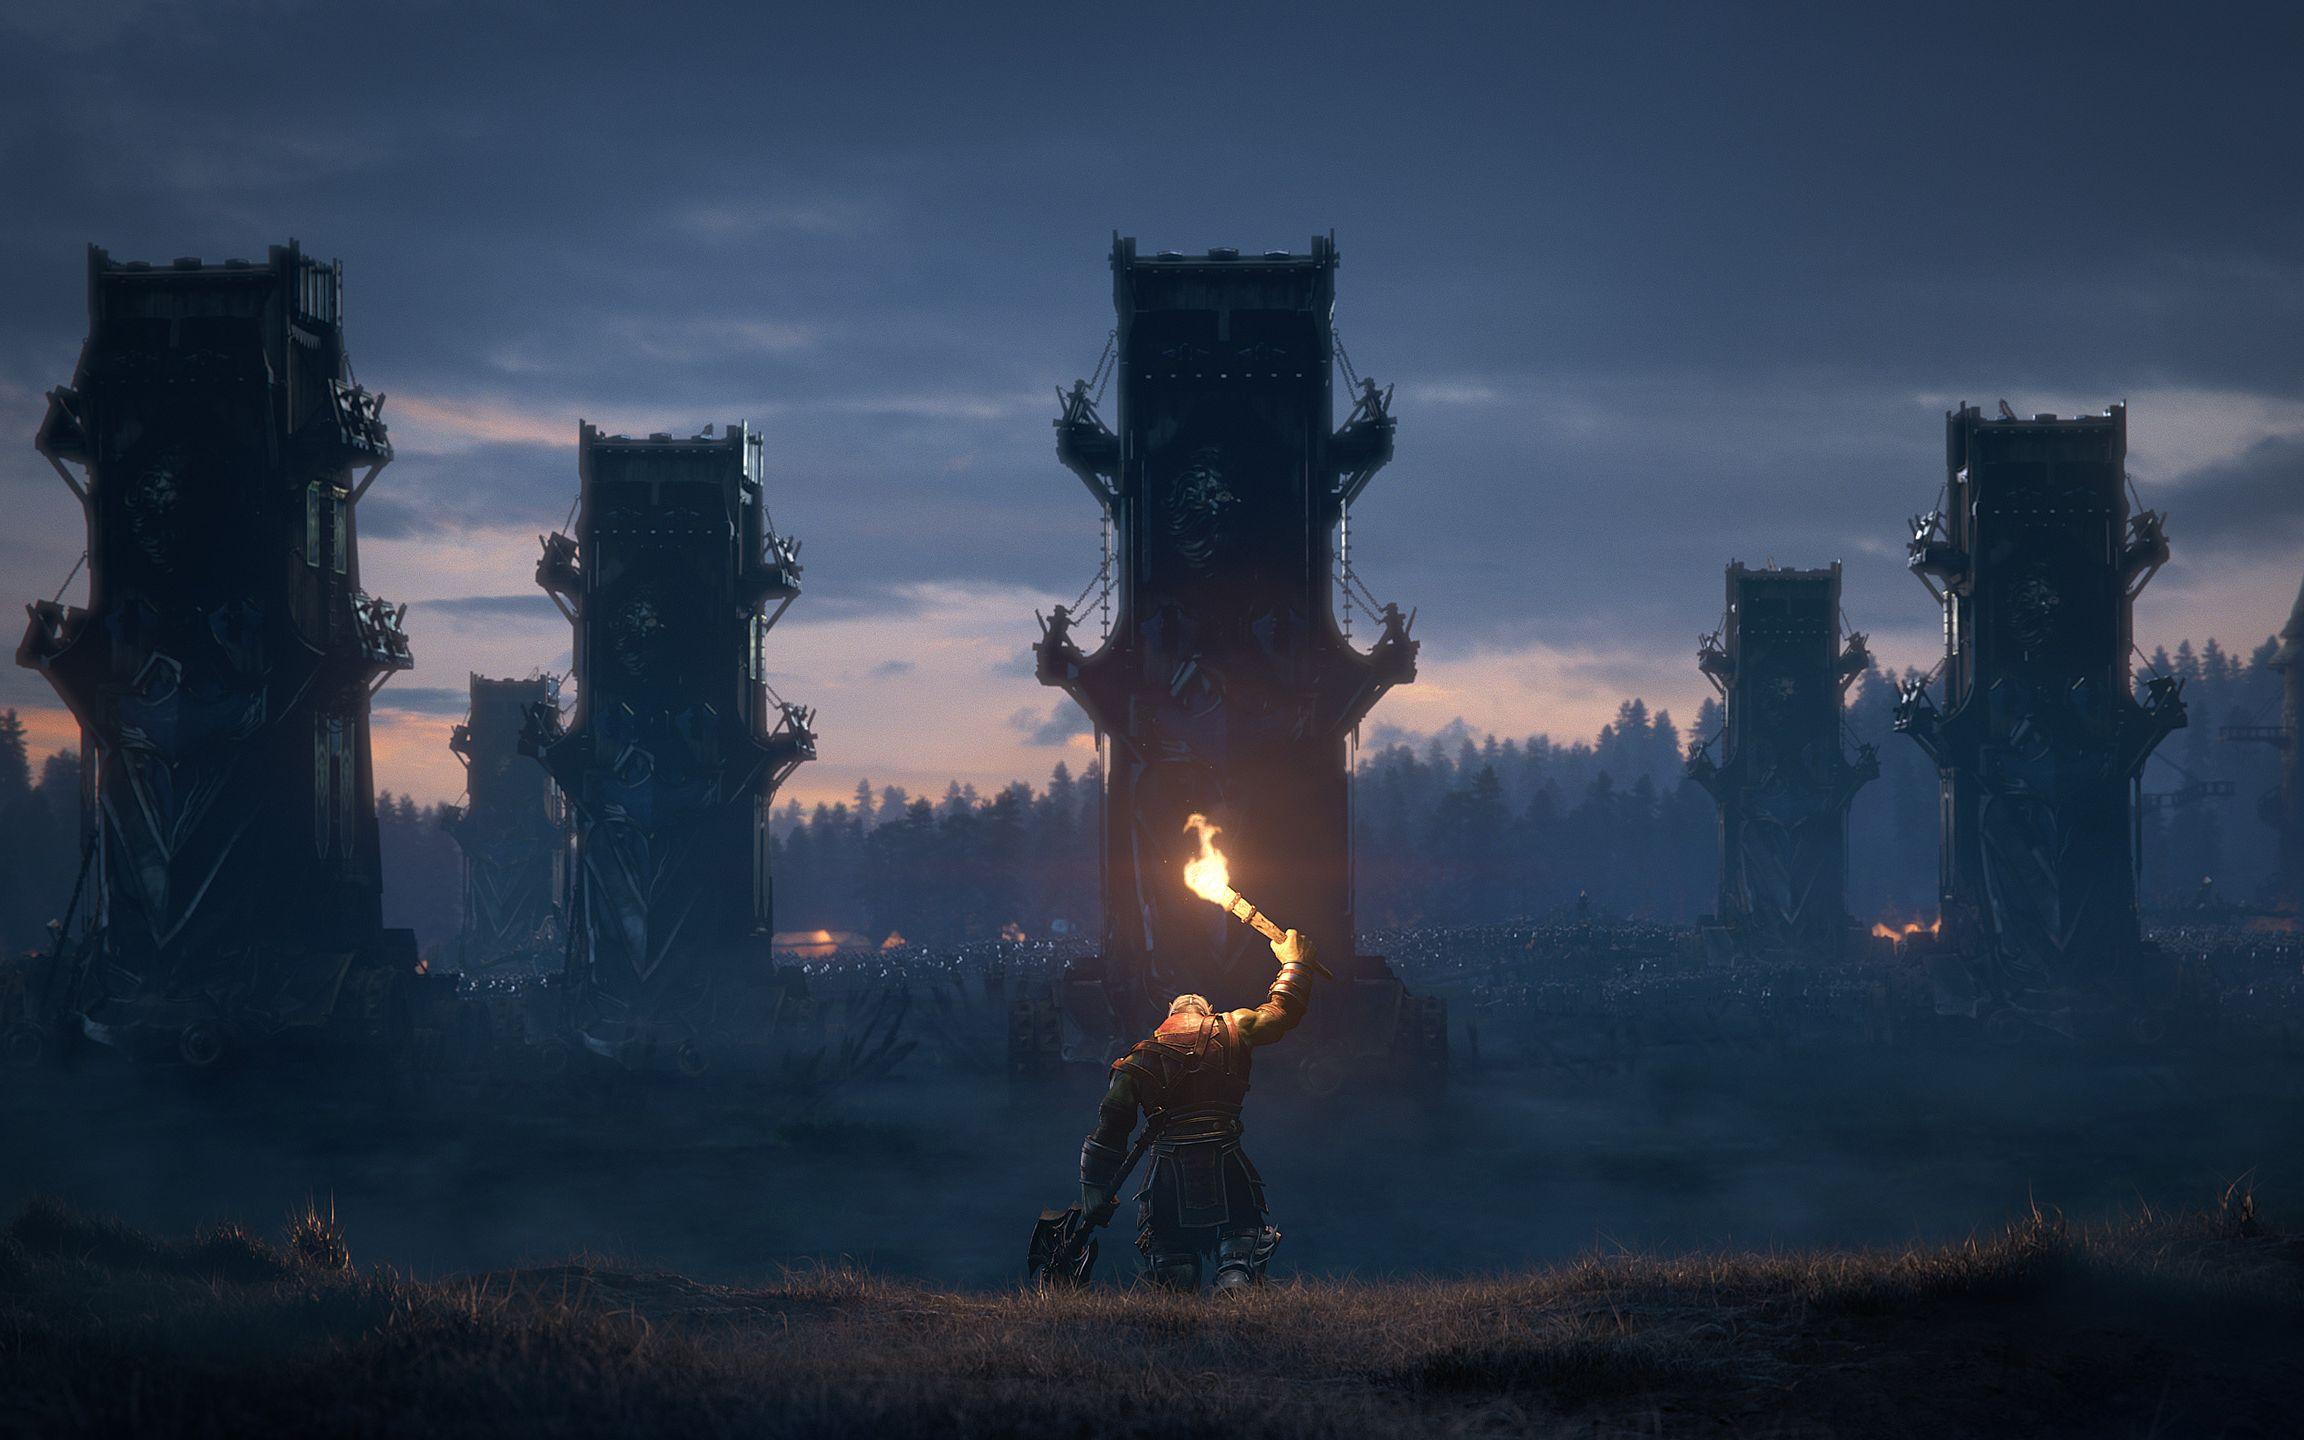 【魔兽世界】电影级游戏CG混剪 - 经典再现